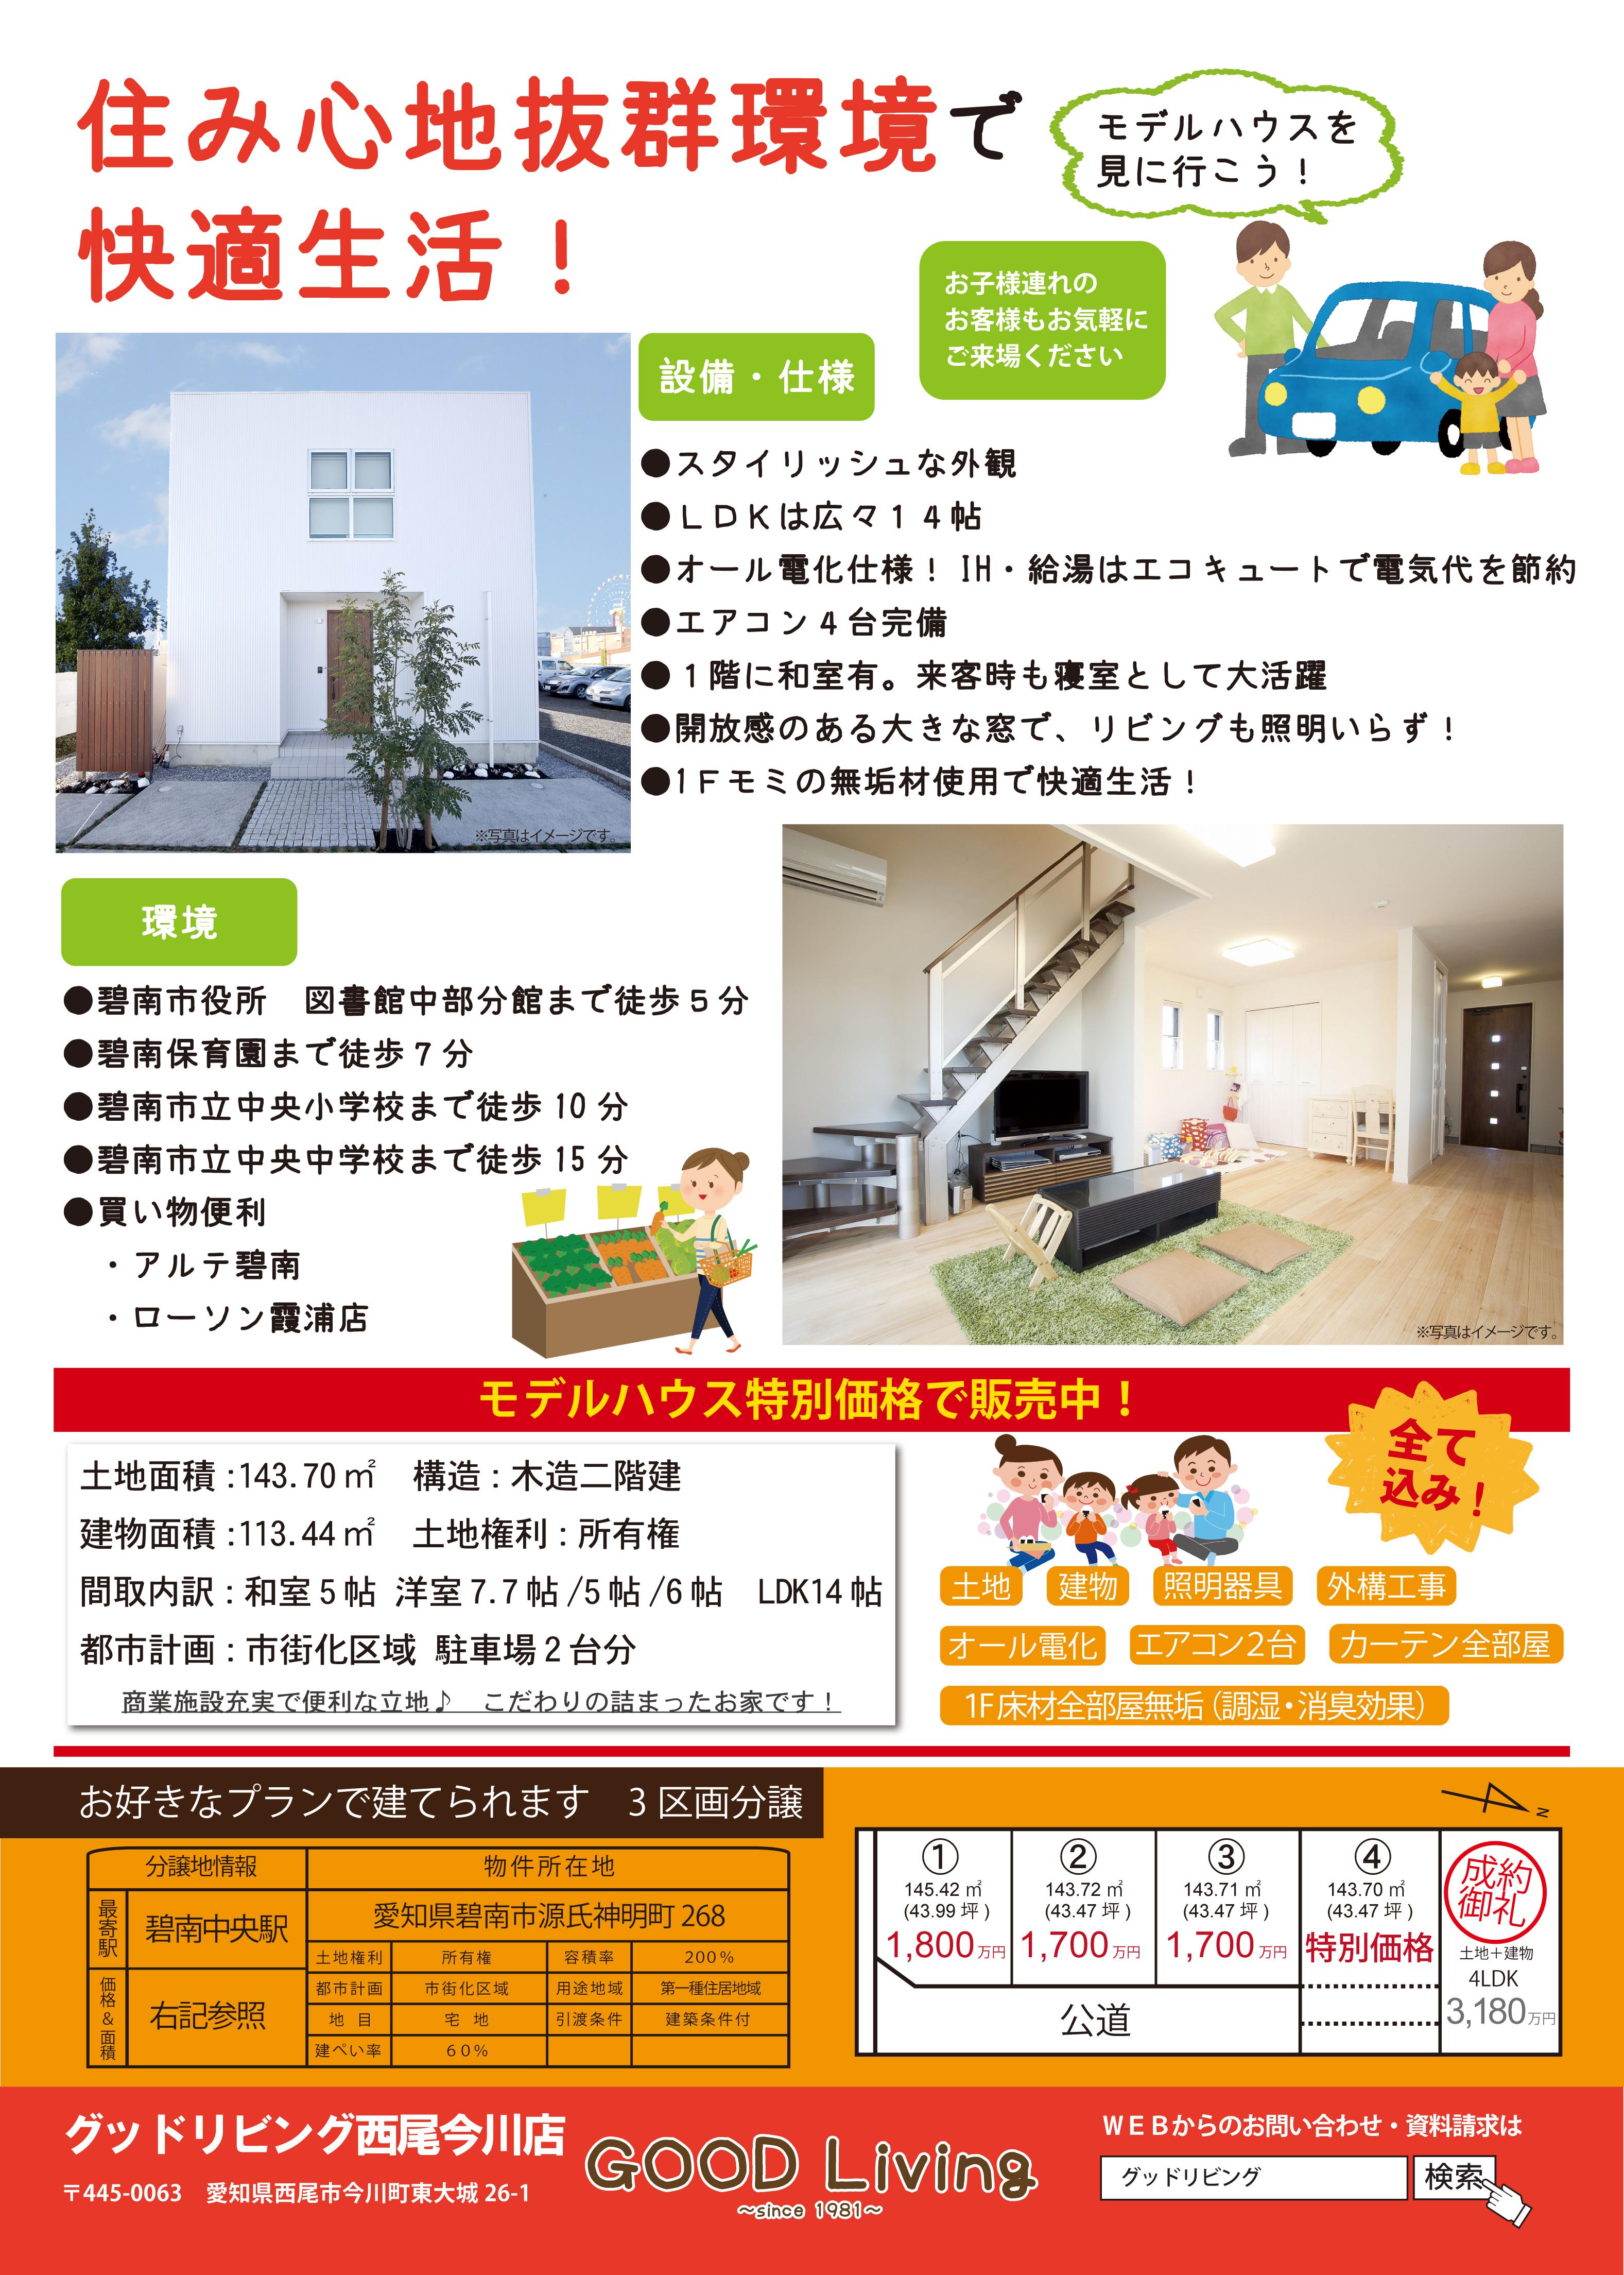 151204_注文西尾店碧南見学会-02.jpg